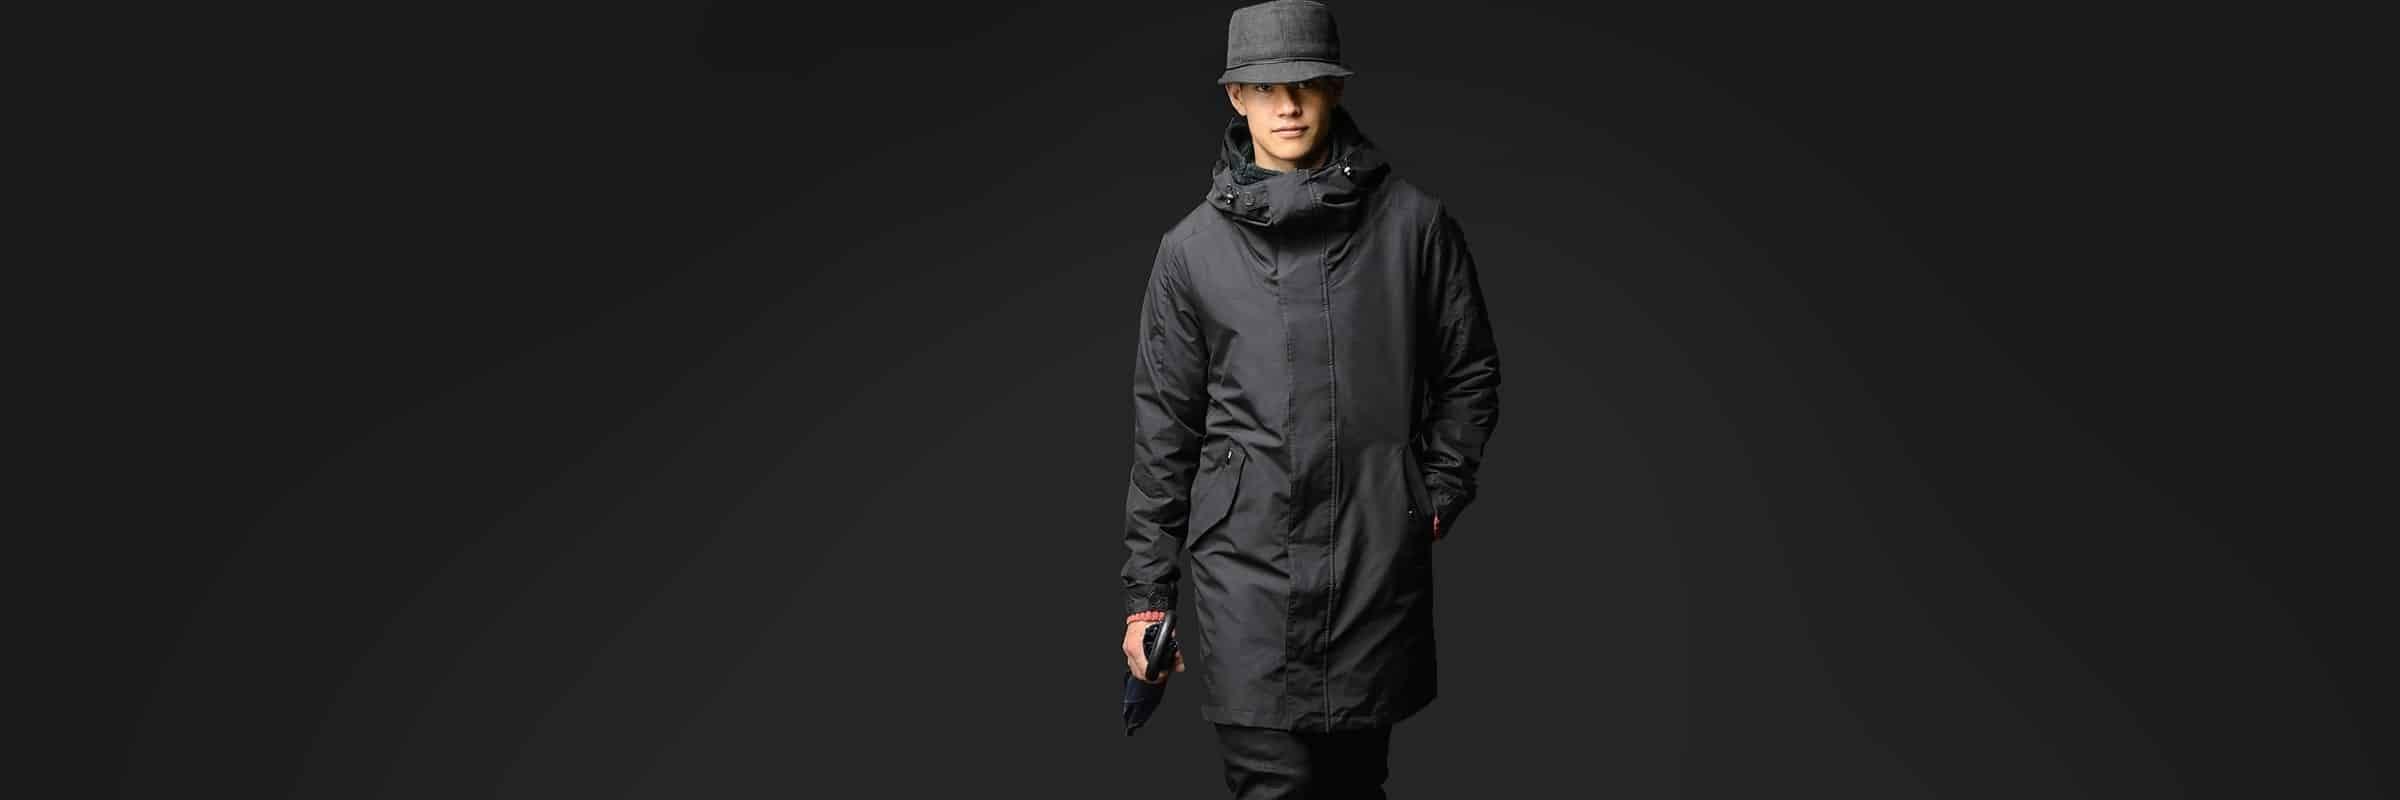 Top 5 Urban Raincoats for Men